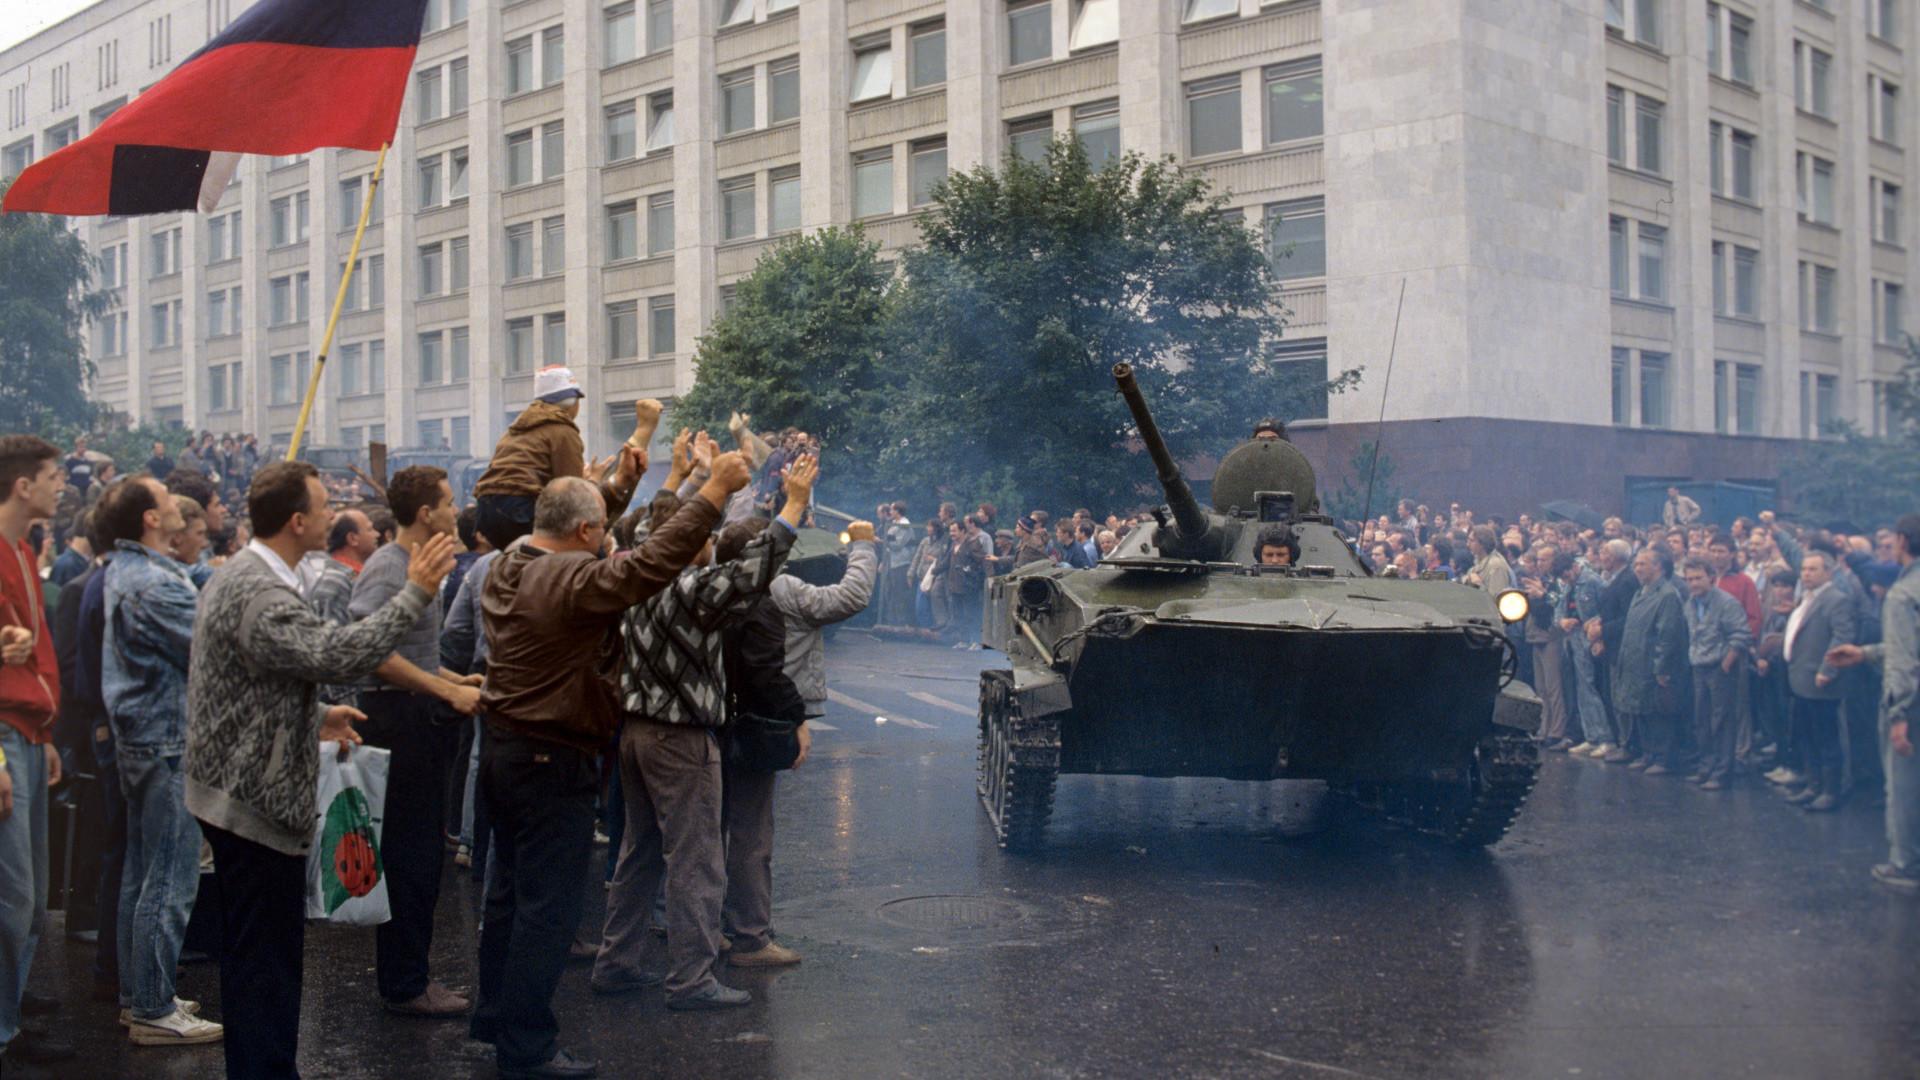 Les unités militaires ayant pris le parti du Parlement russe devant le bâtiment du Soviet suprême de la RSFSR